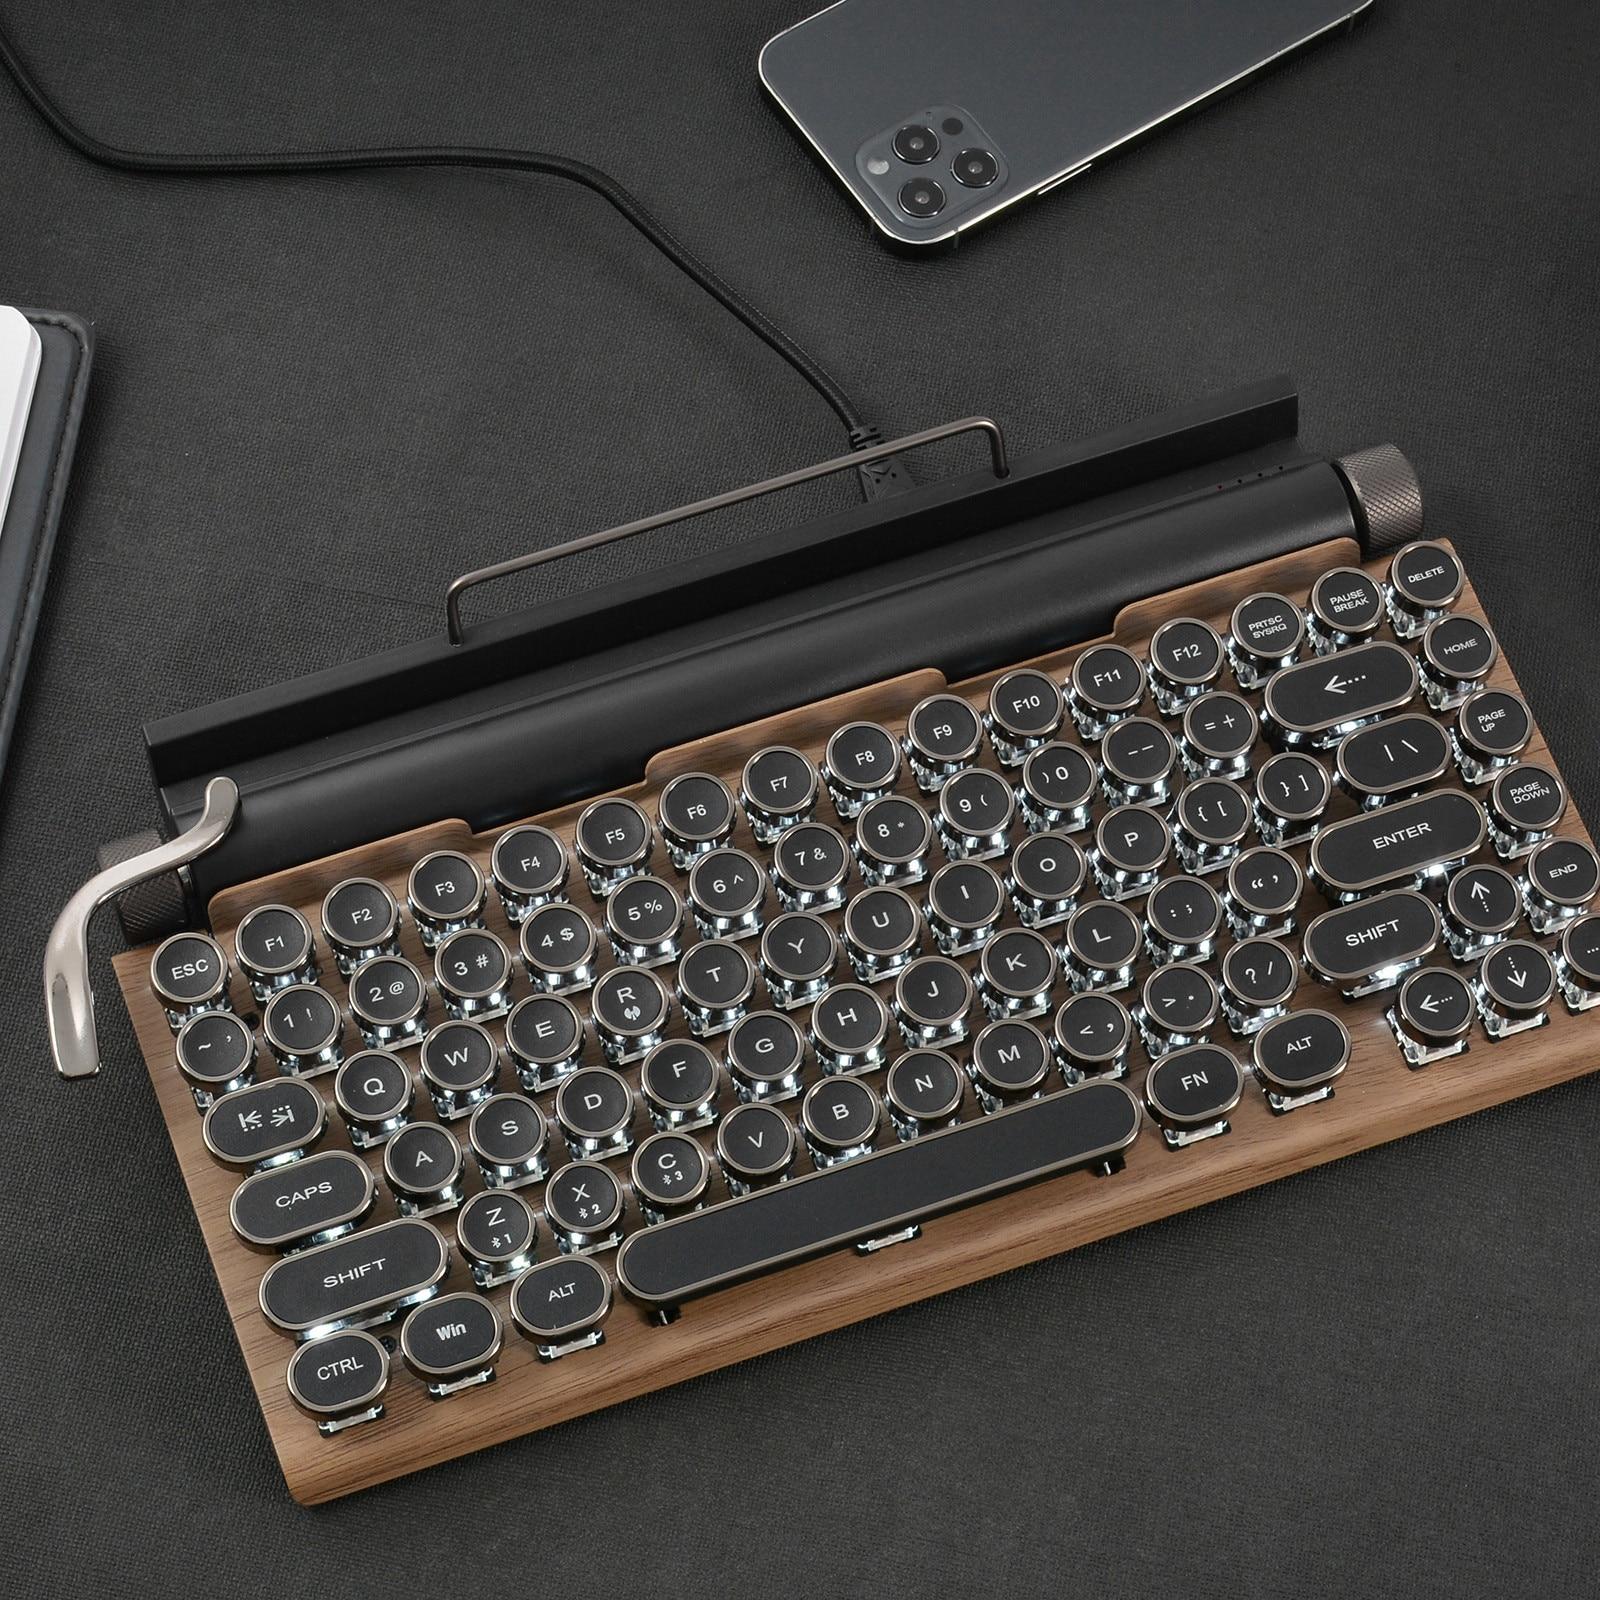 لوحة المفاتيح الميكانيكية سماعة لاسلكية تعمل بالبلوتوث لوحات المفاتيح نقطة الرجعية آلة كاتبة لوحة مفاتيح الكمبيوتر 83 مفاتيح لوحات مفاتيح ا...